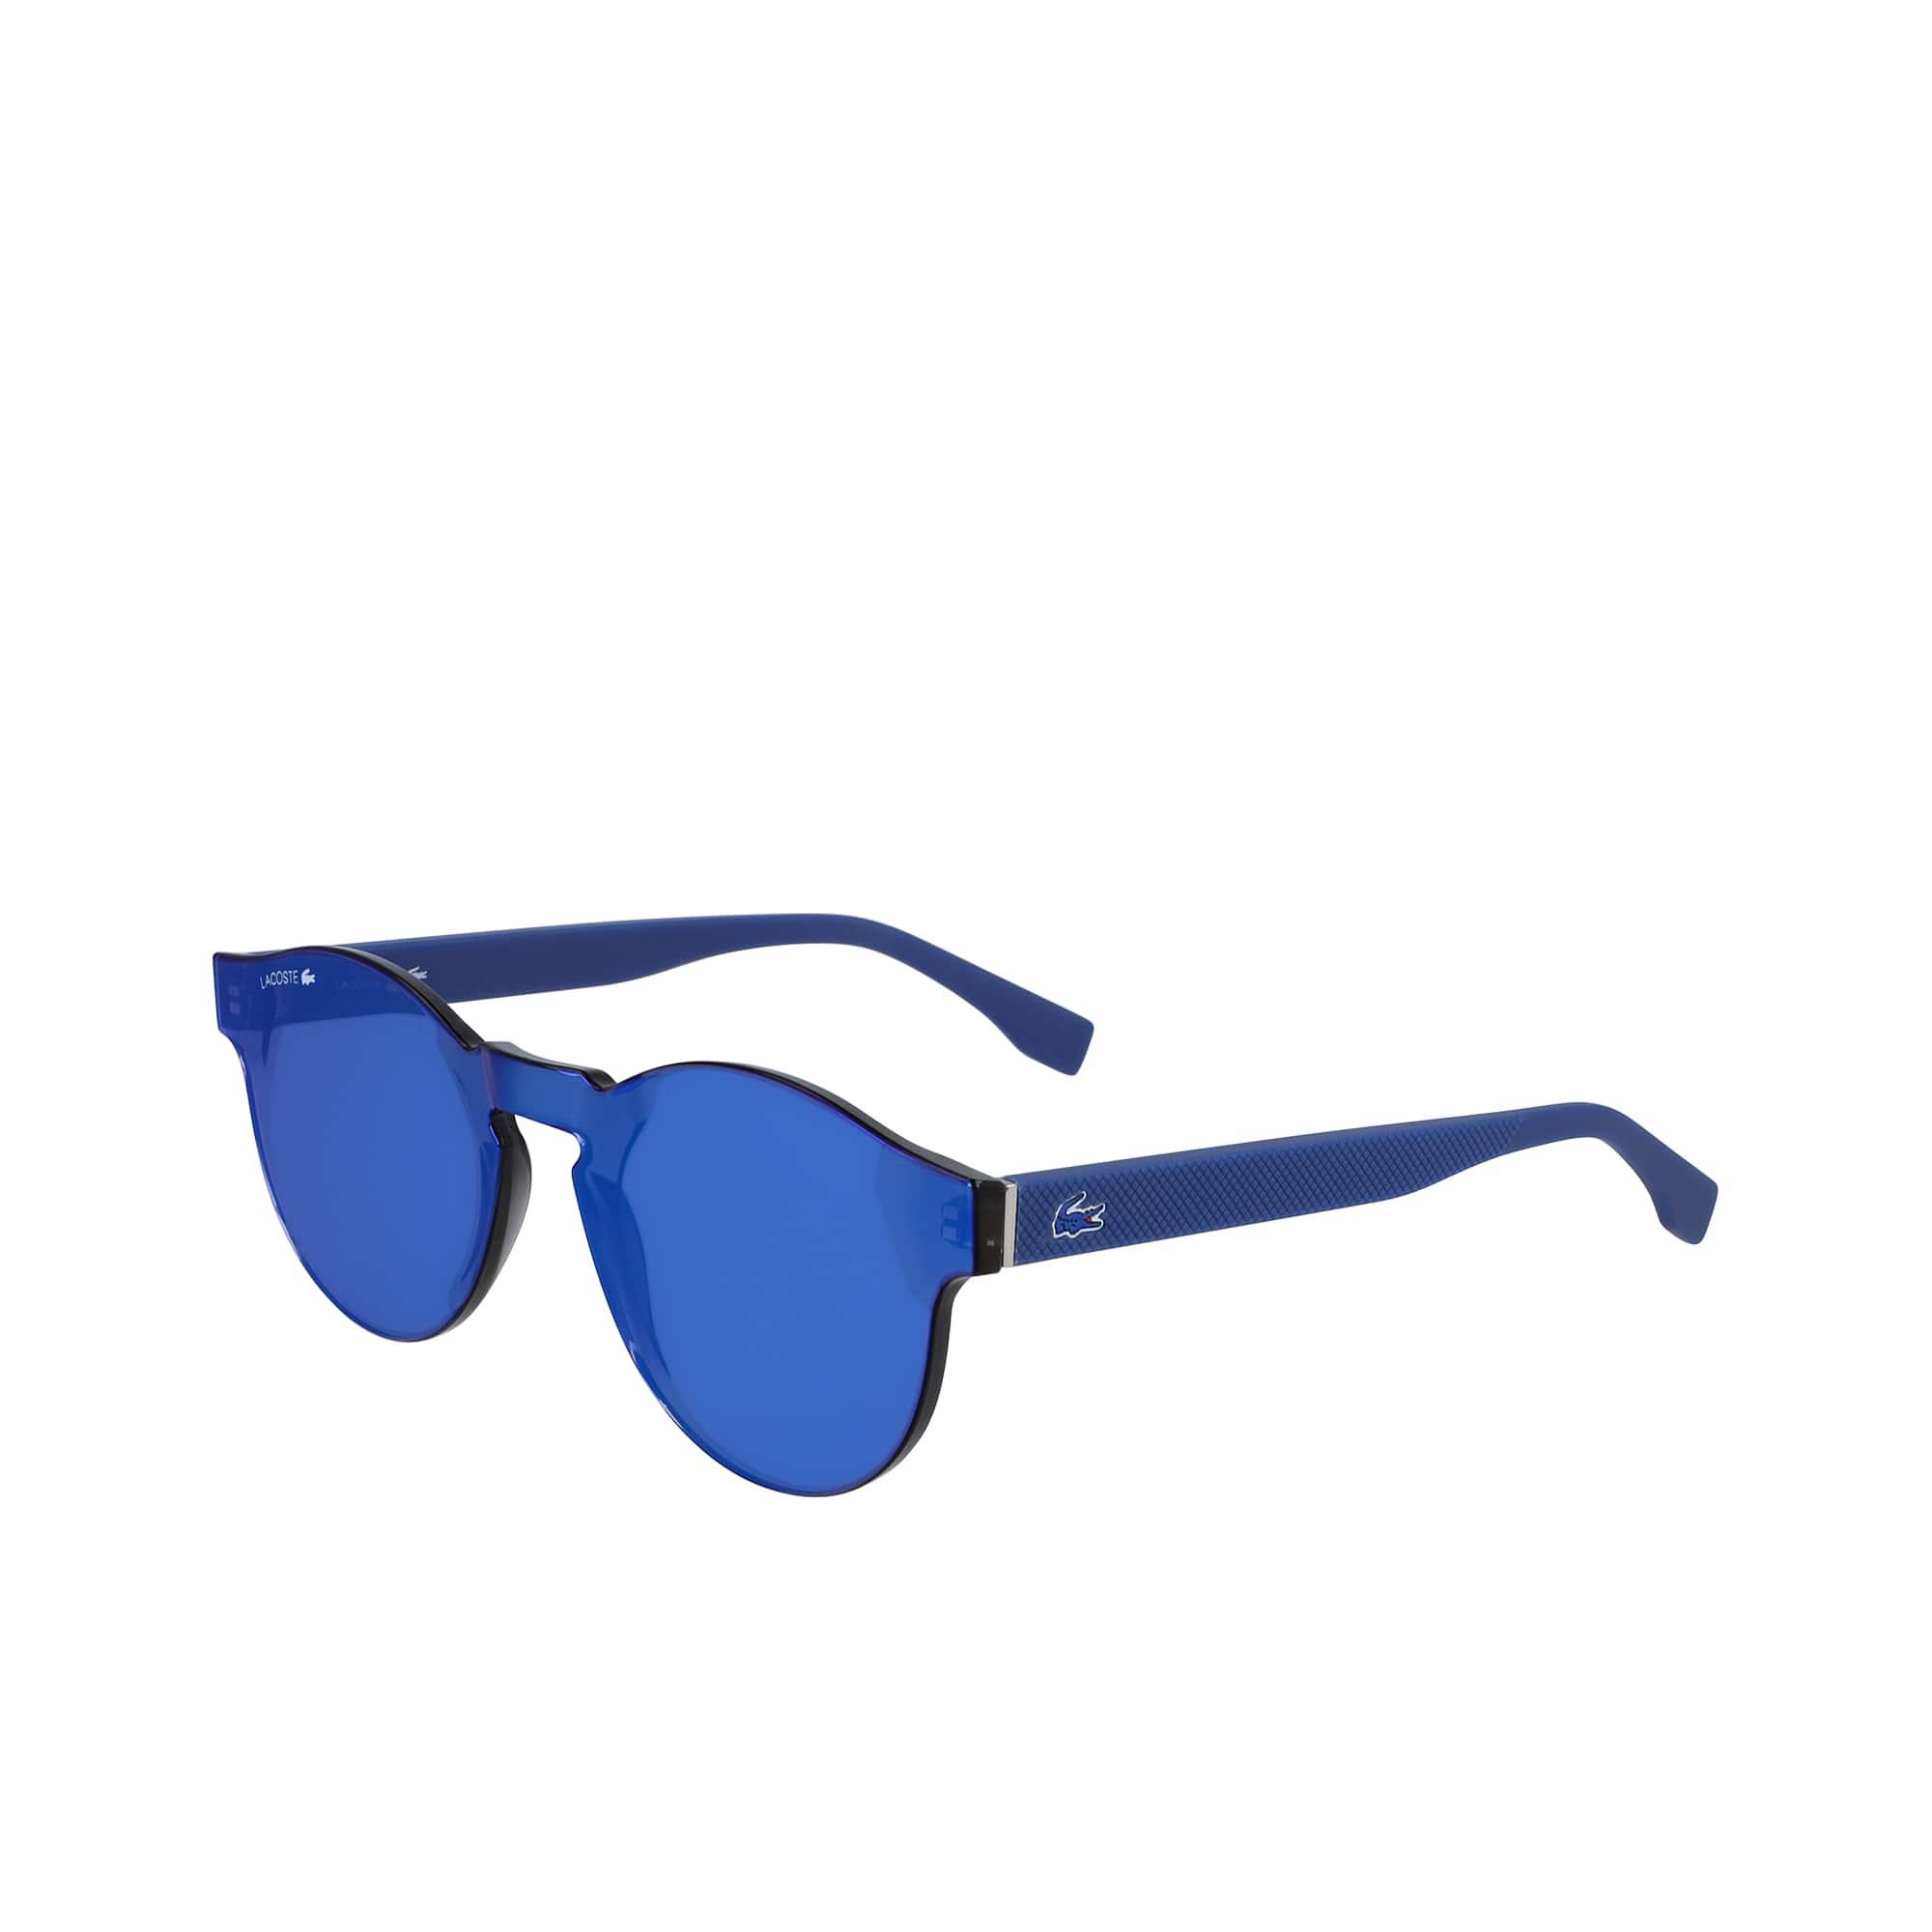 25fb5cd2b6 Todas las gafas de sol | Complementos | LACOSTE